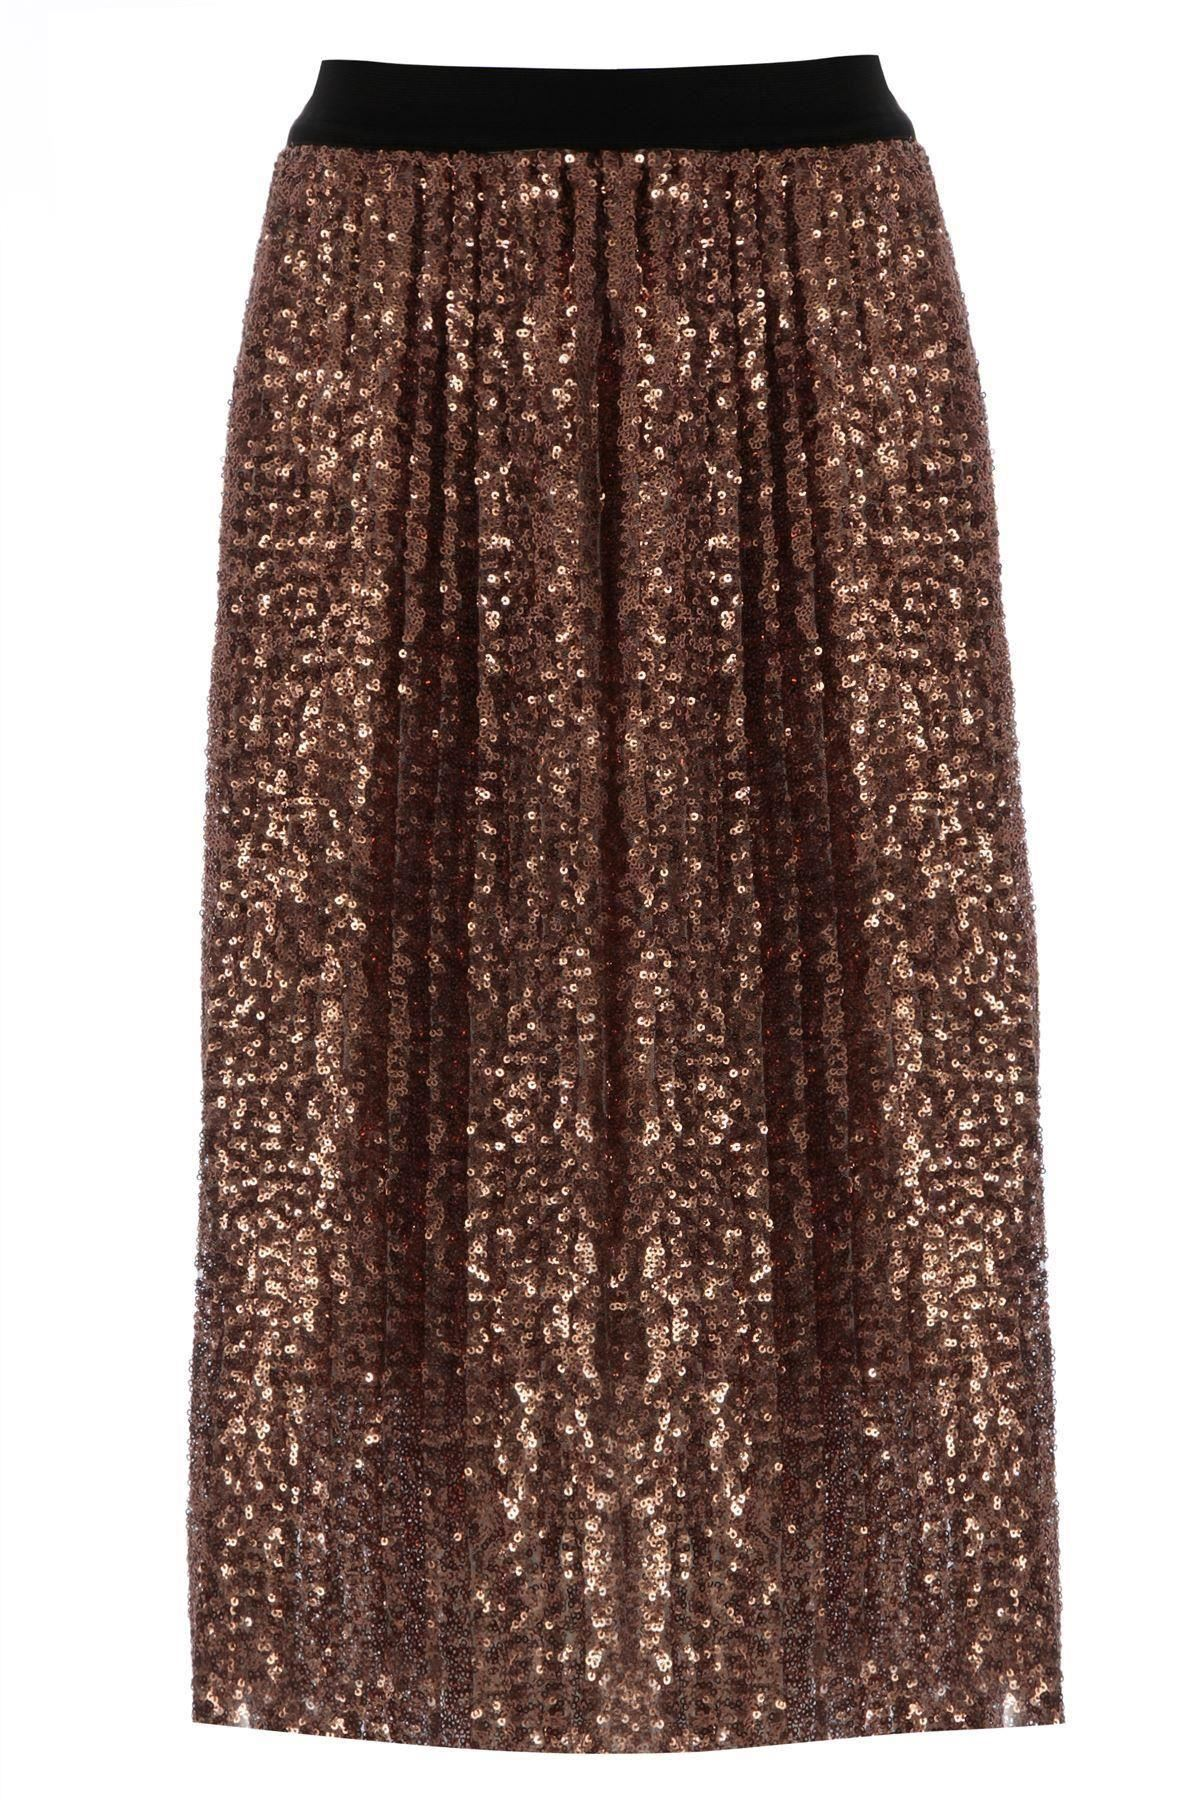 love2dress sequin pleated skirt ebay